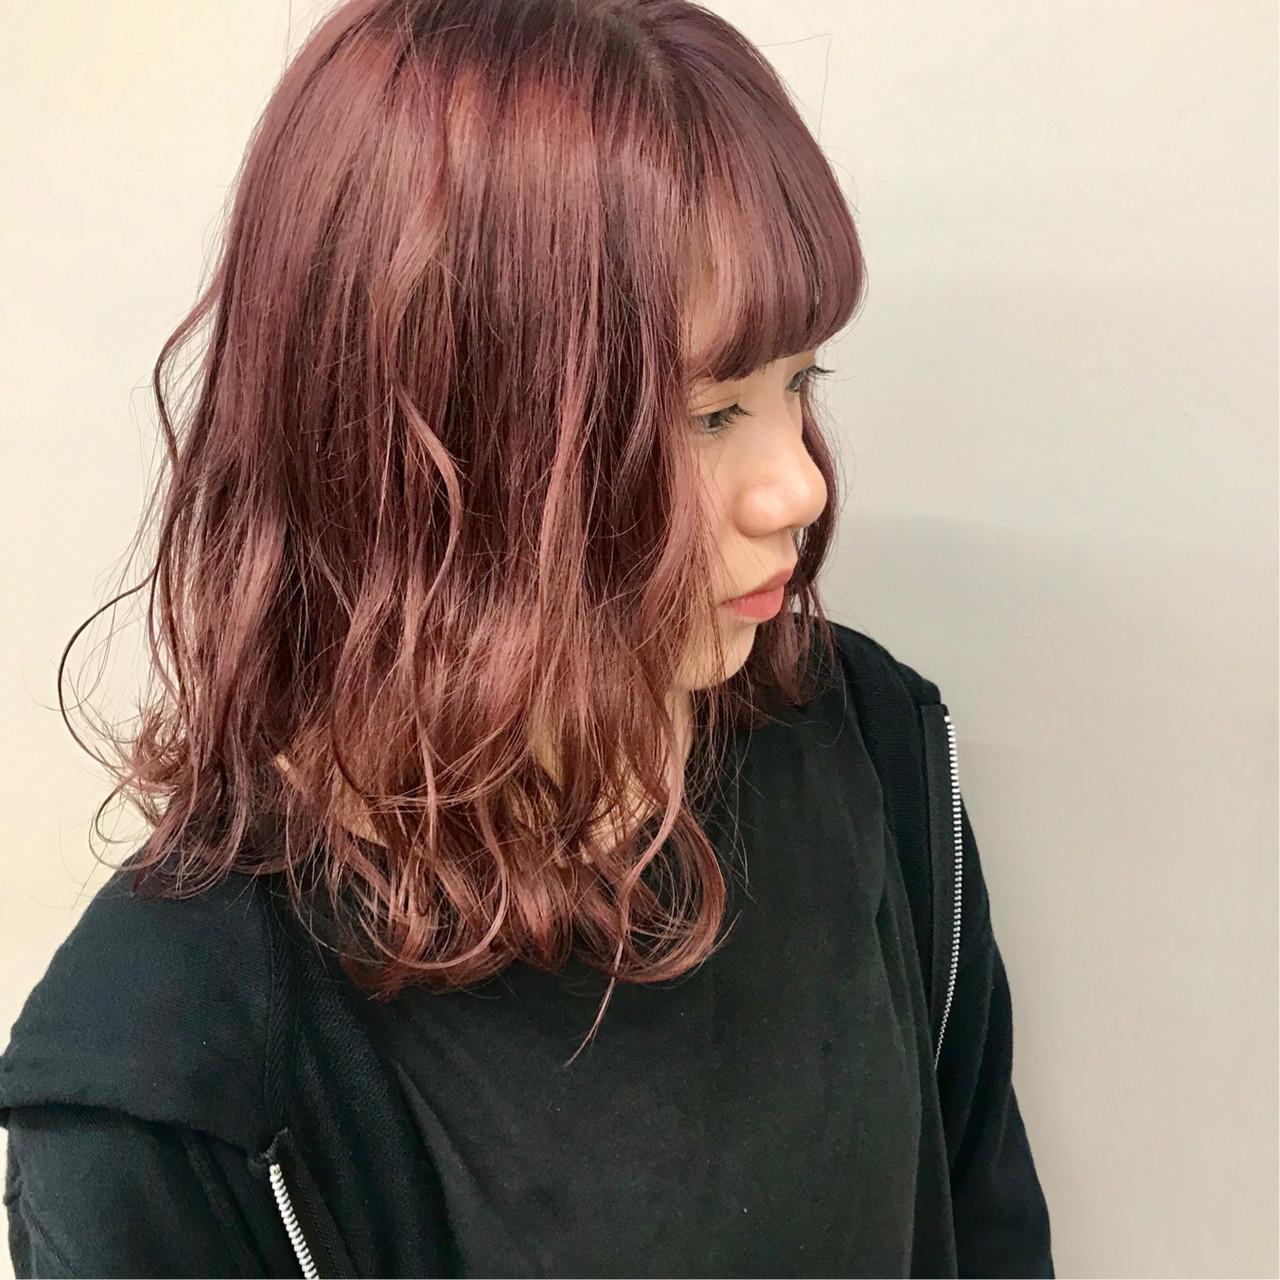 ハイトーンカラー アディクシーカラー ダブルカラー ミディアム ヘアスタイルや髪型の写真・画像